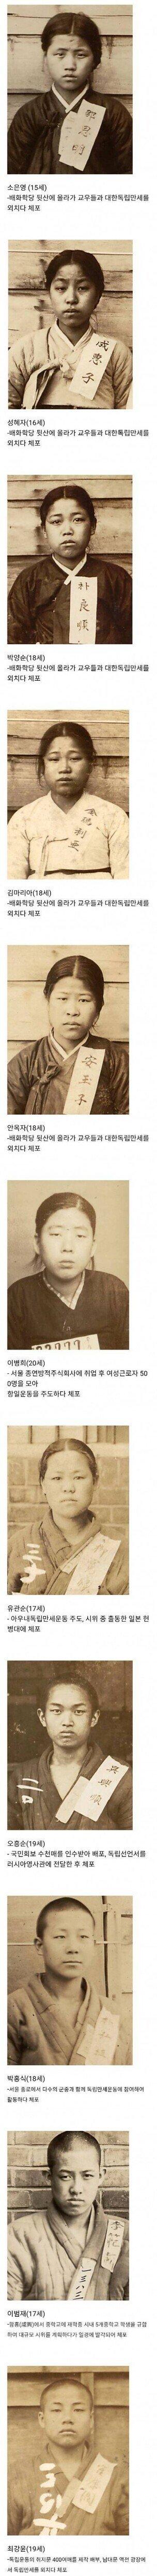 체포된 10대들 사진모음